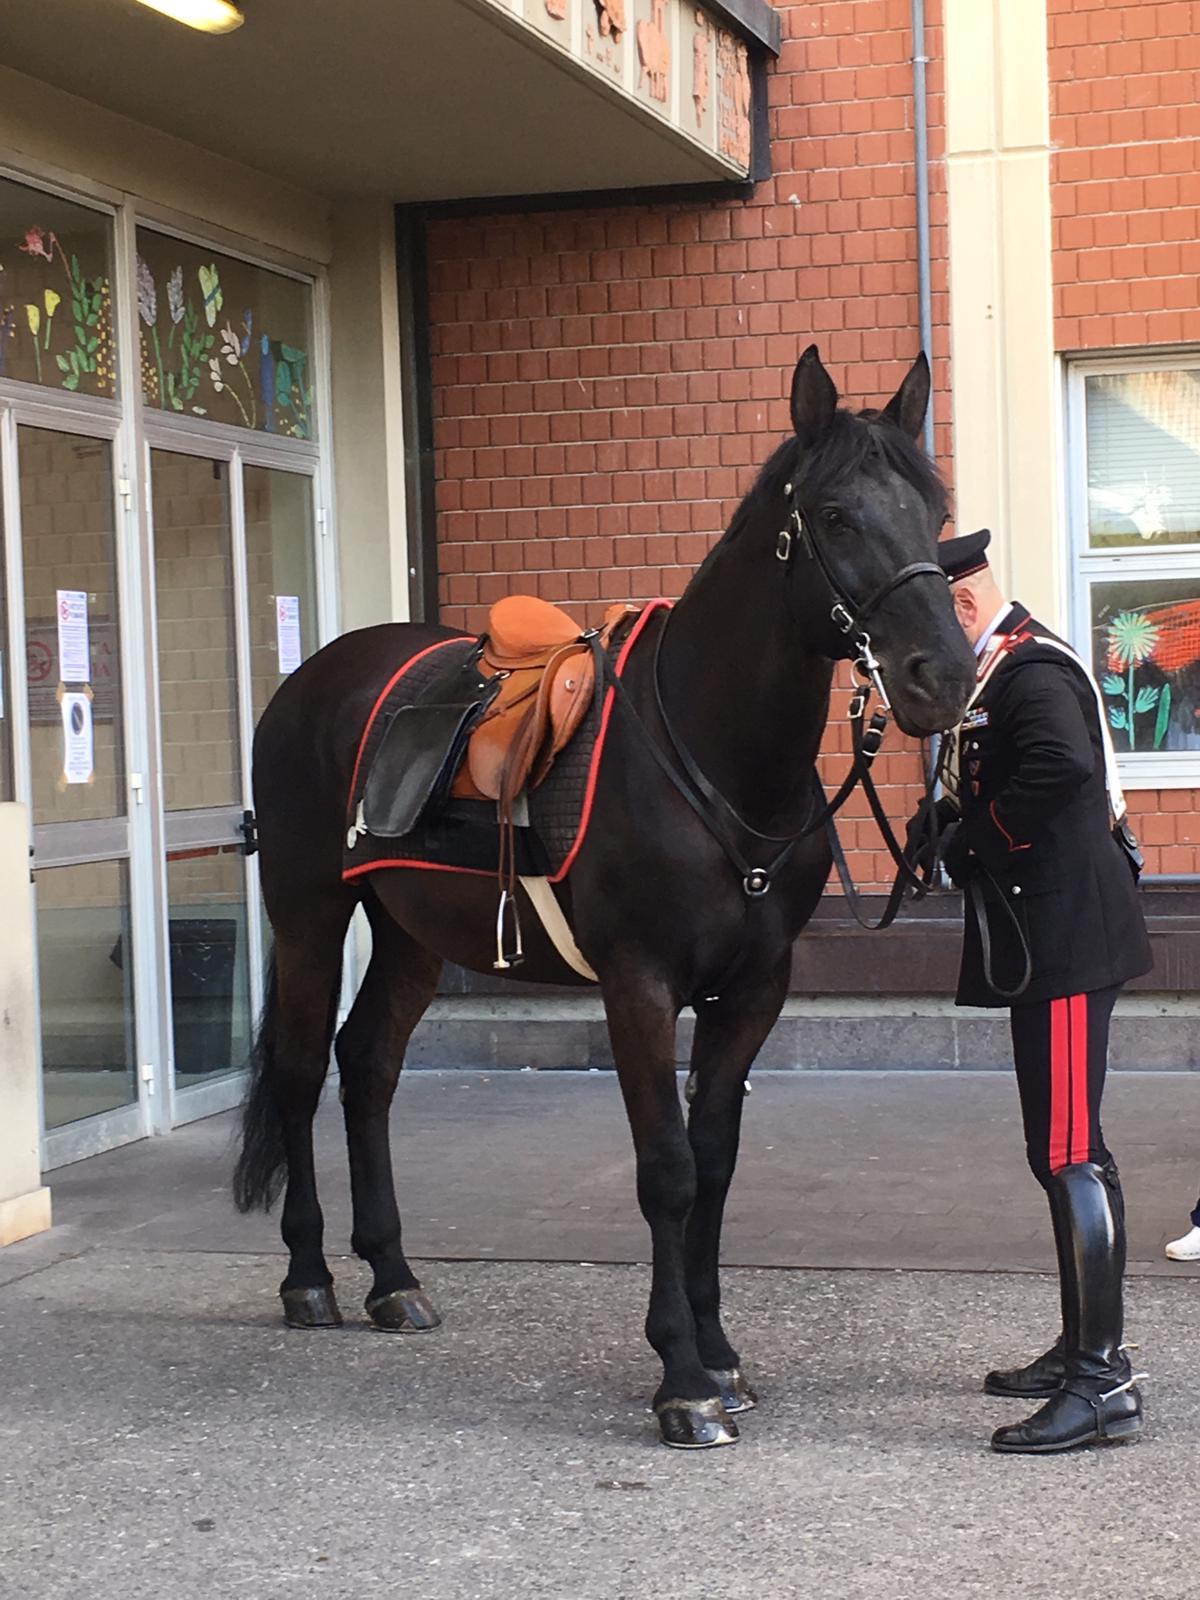 Le Scotte, Carabinieri a cavallo in visita al Dipartimento Materno Infantile (FOTO)